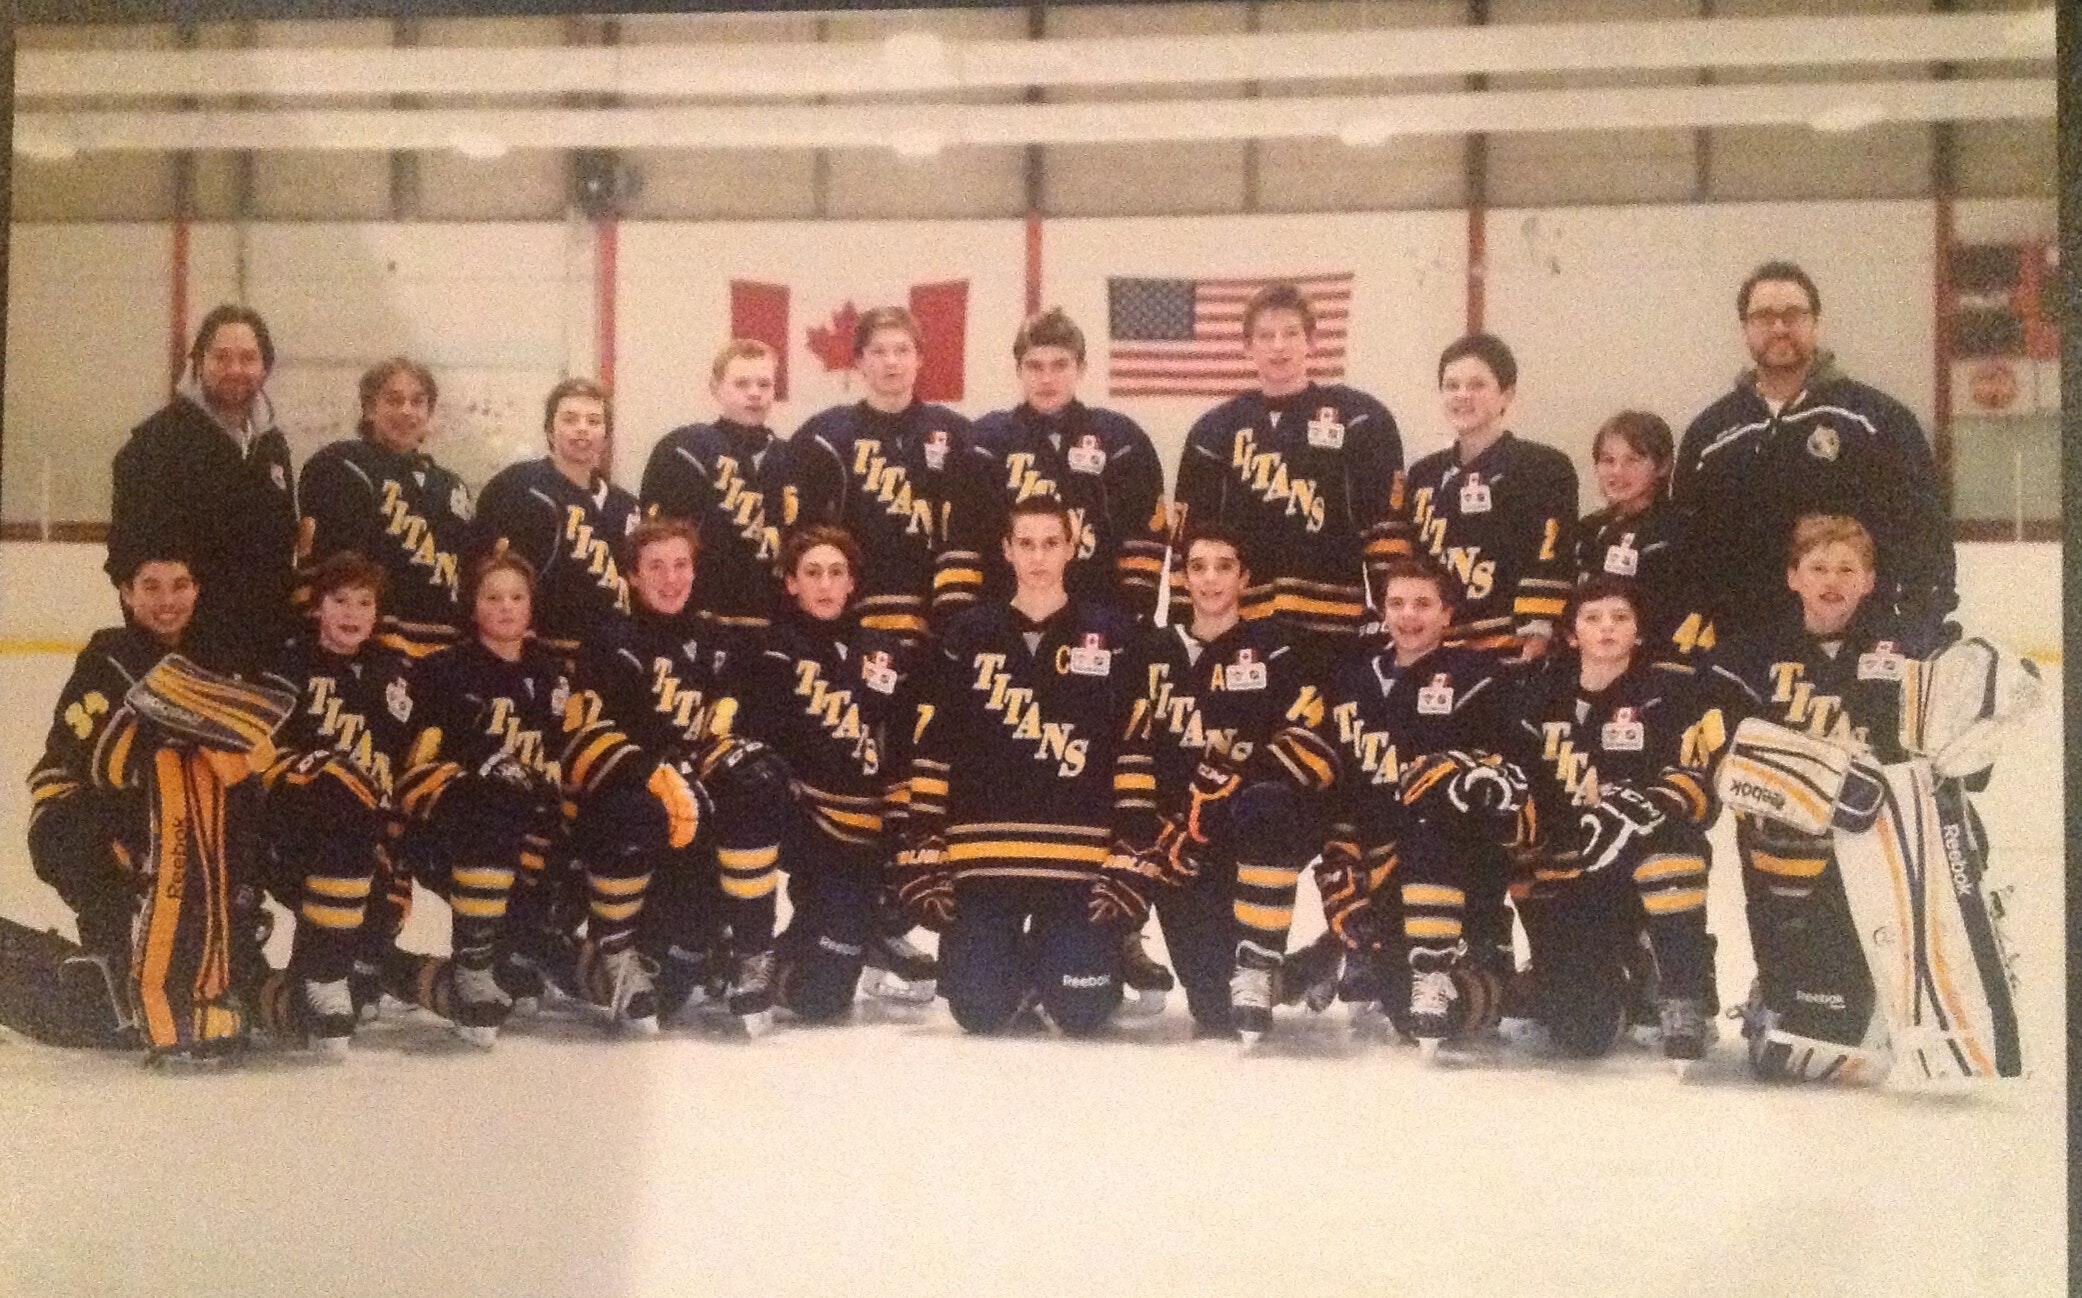 Toronto Titans 2000